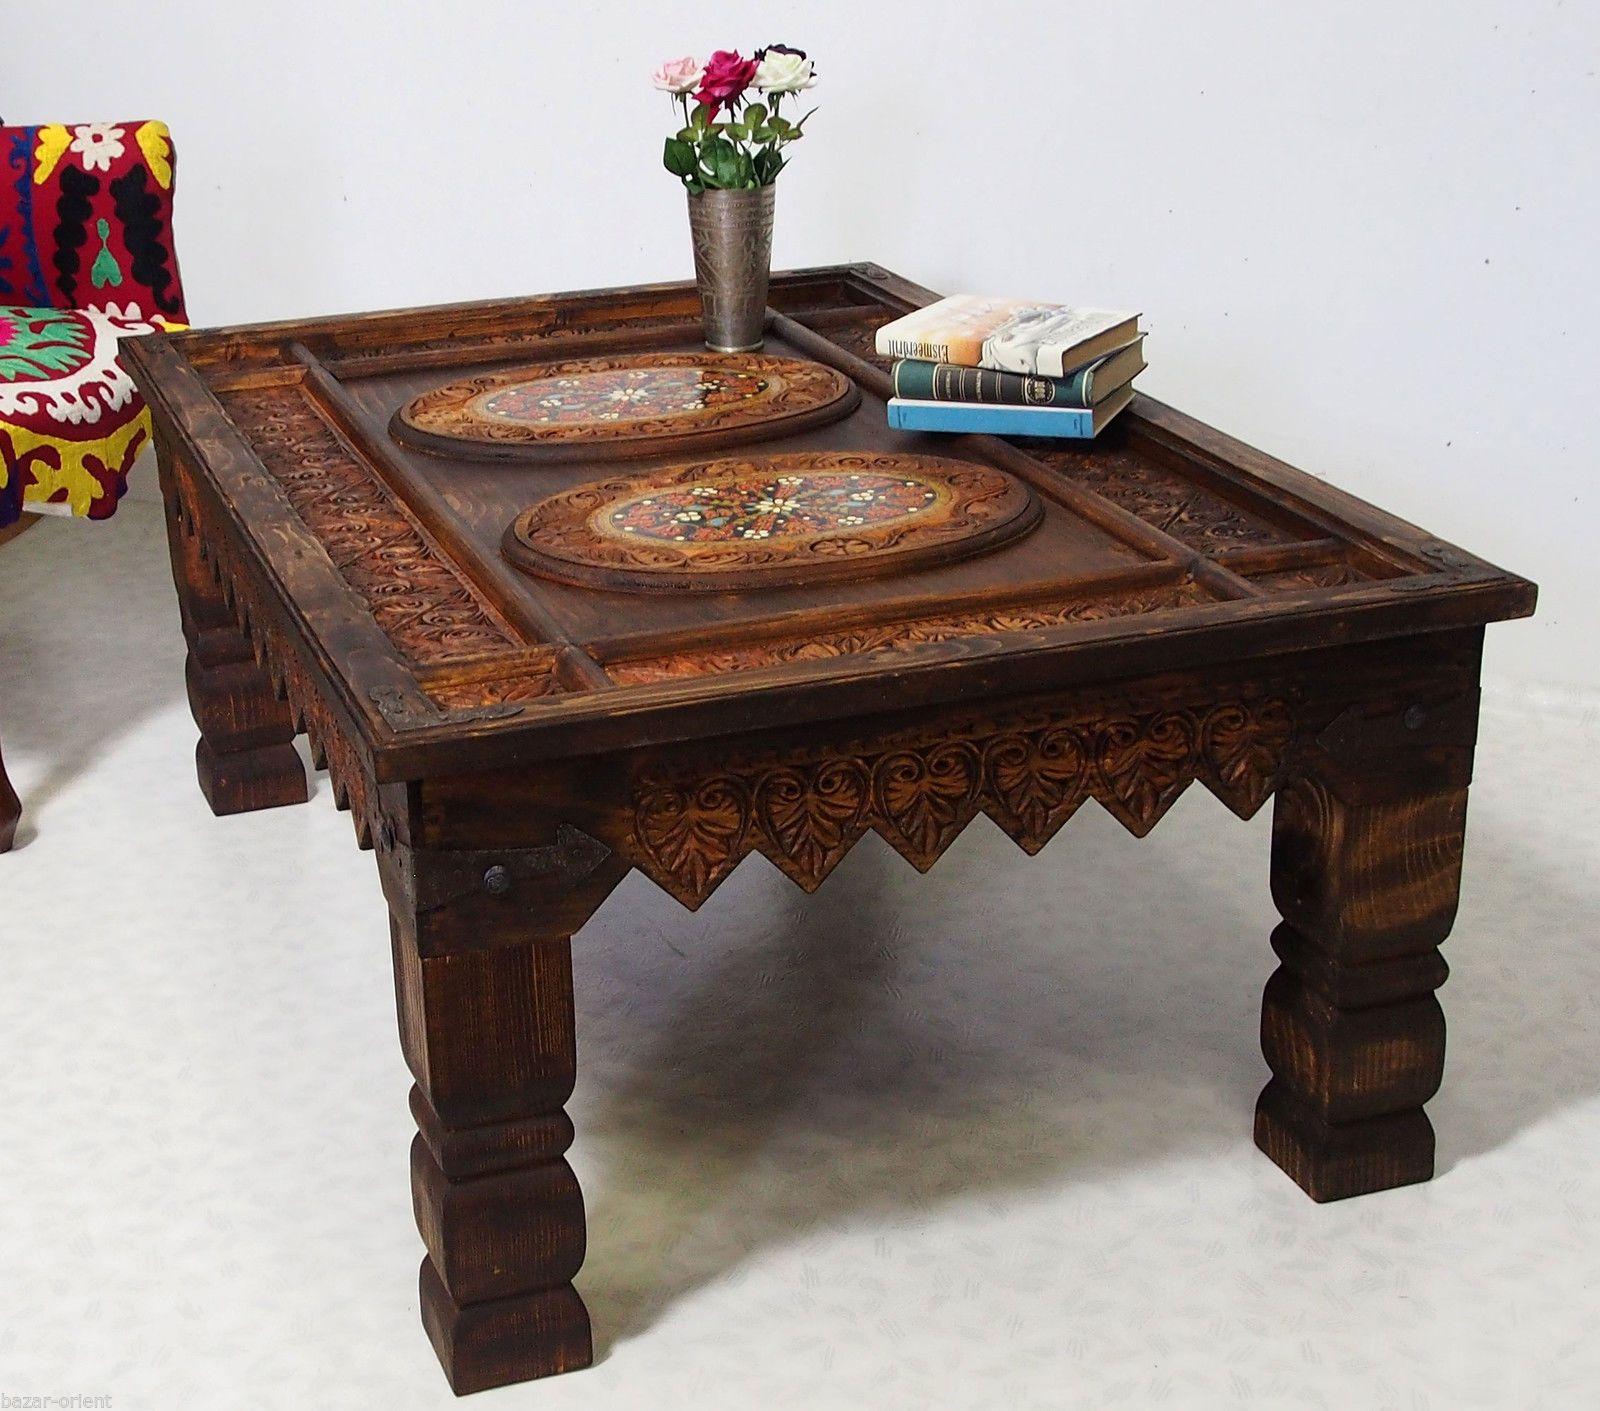 130x87cm Antik Kolonial Wohnzimmertisch Tischtruhe Tisch Couchtisch